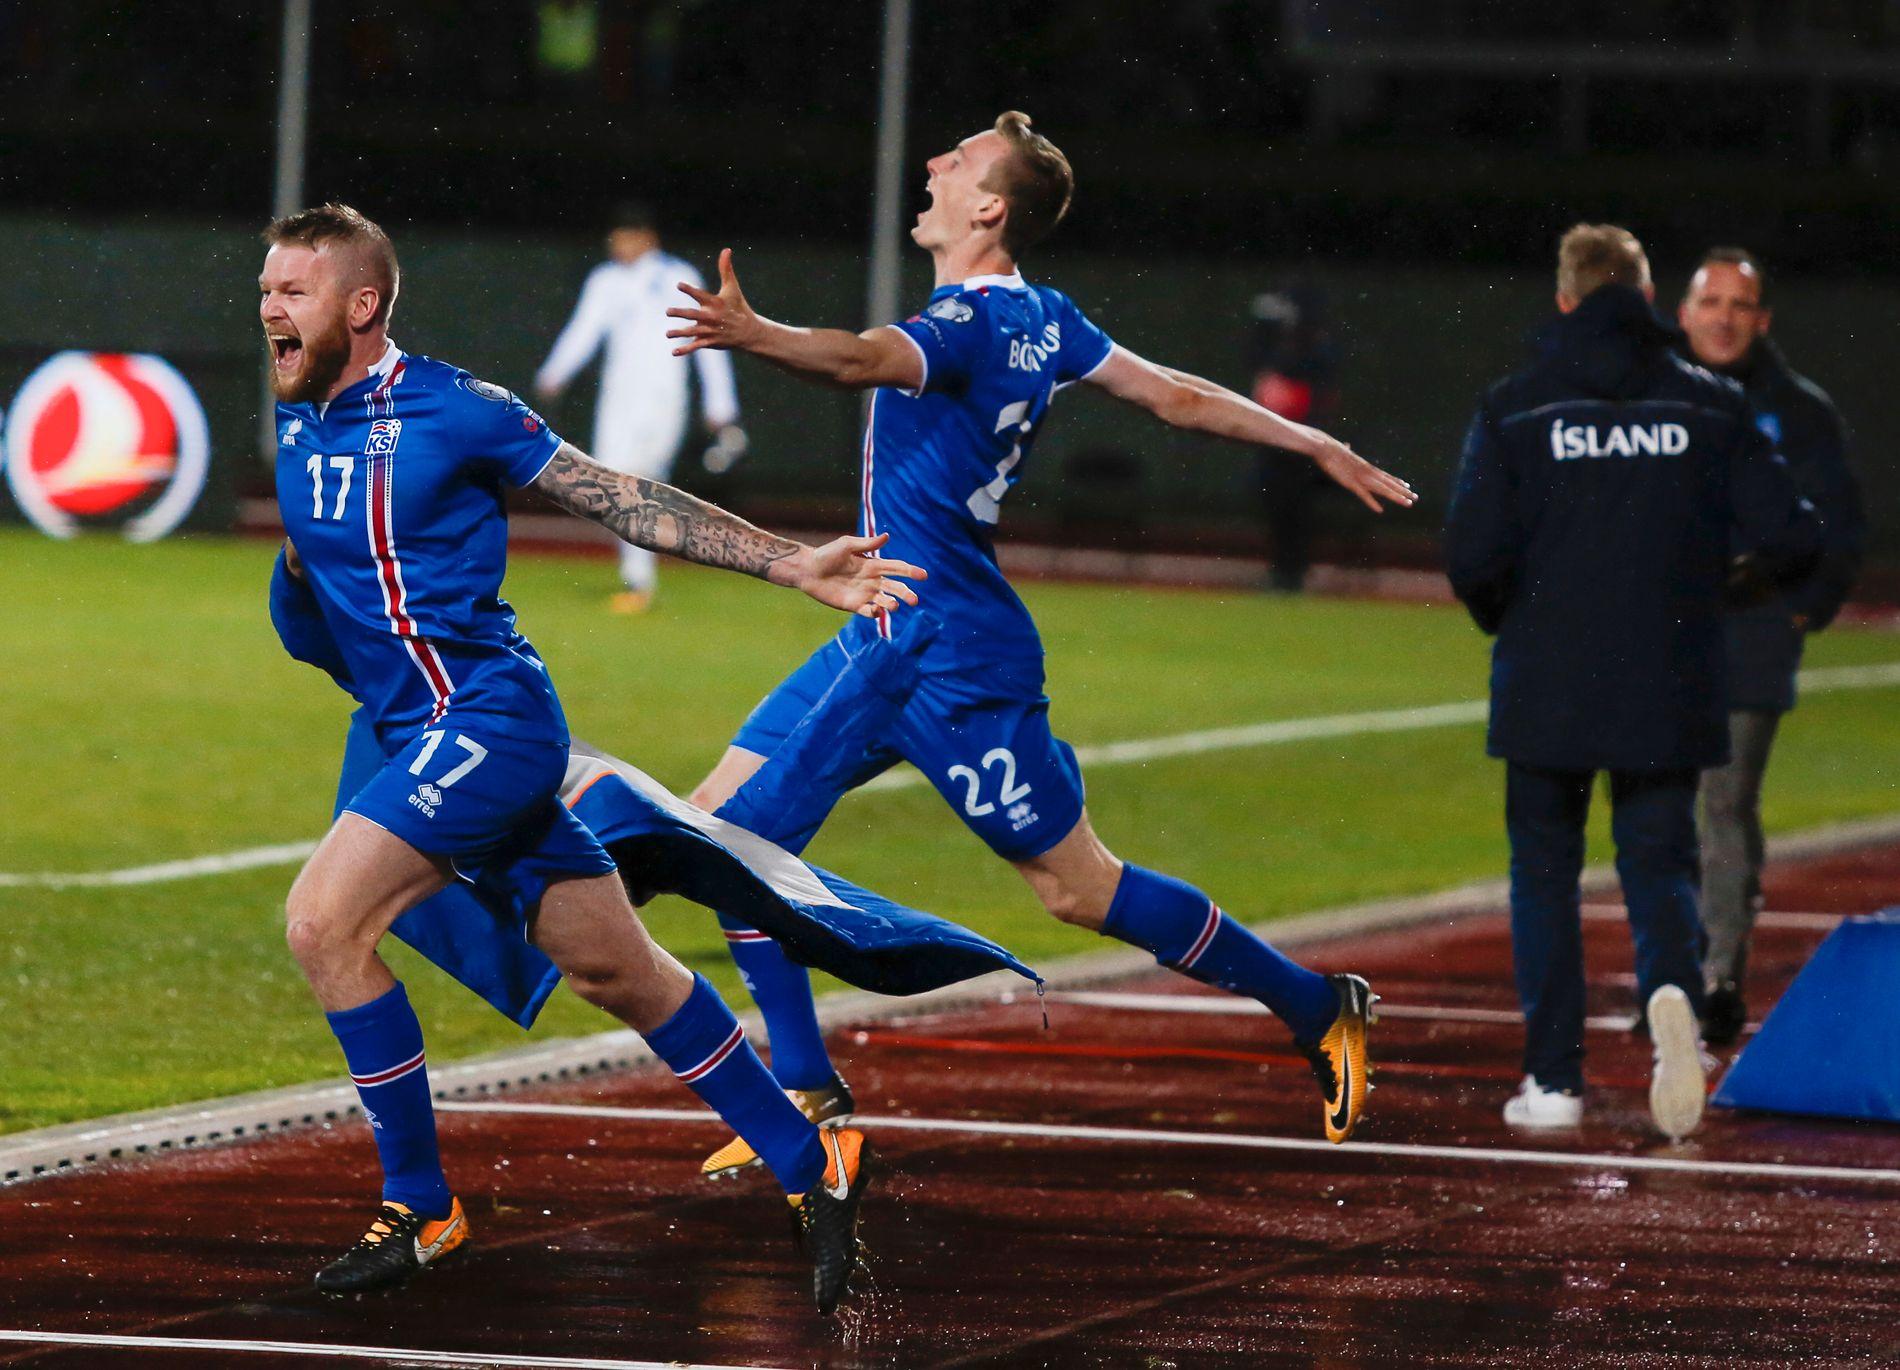 ELLEVILLE SCENER: Aron Gunnarsson (til venstre) og Jon Dadi Bödvarsson jubler når kampen er over. I bakgrunnen takker landslagssjef Heimir Hallgrimsson sin avtroppende Kosovo-kollega Albert Bunjaki for kampen. Foto: AP